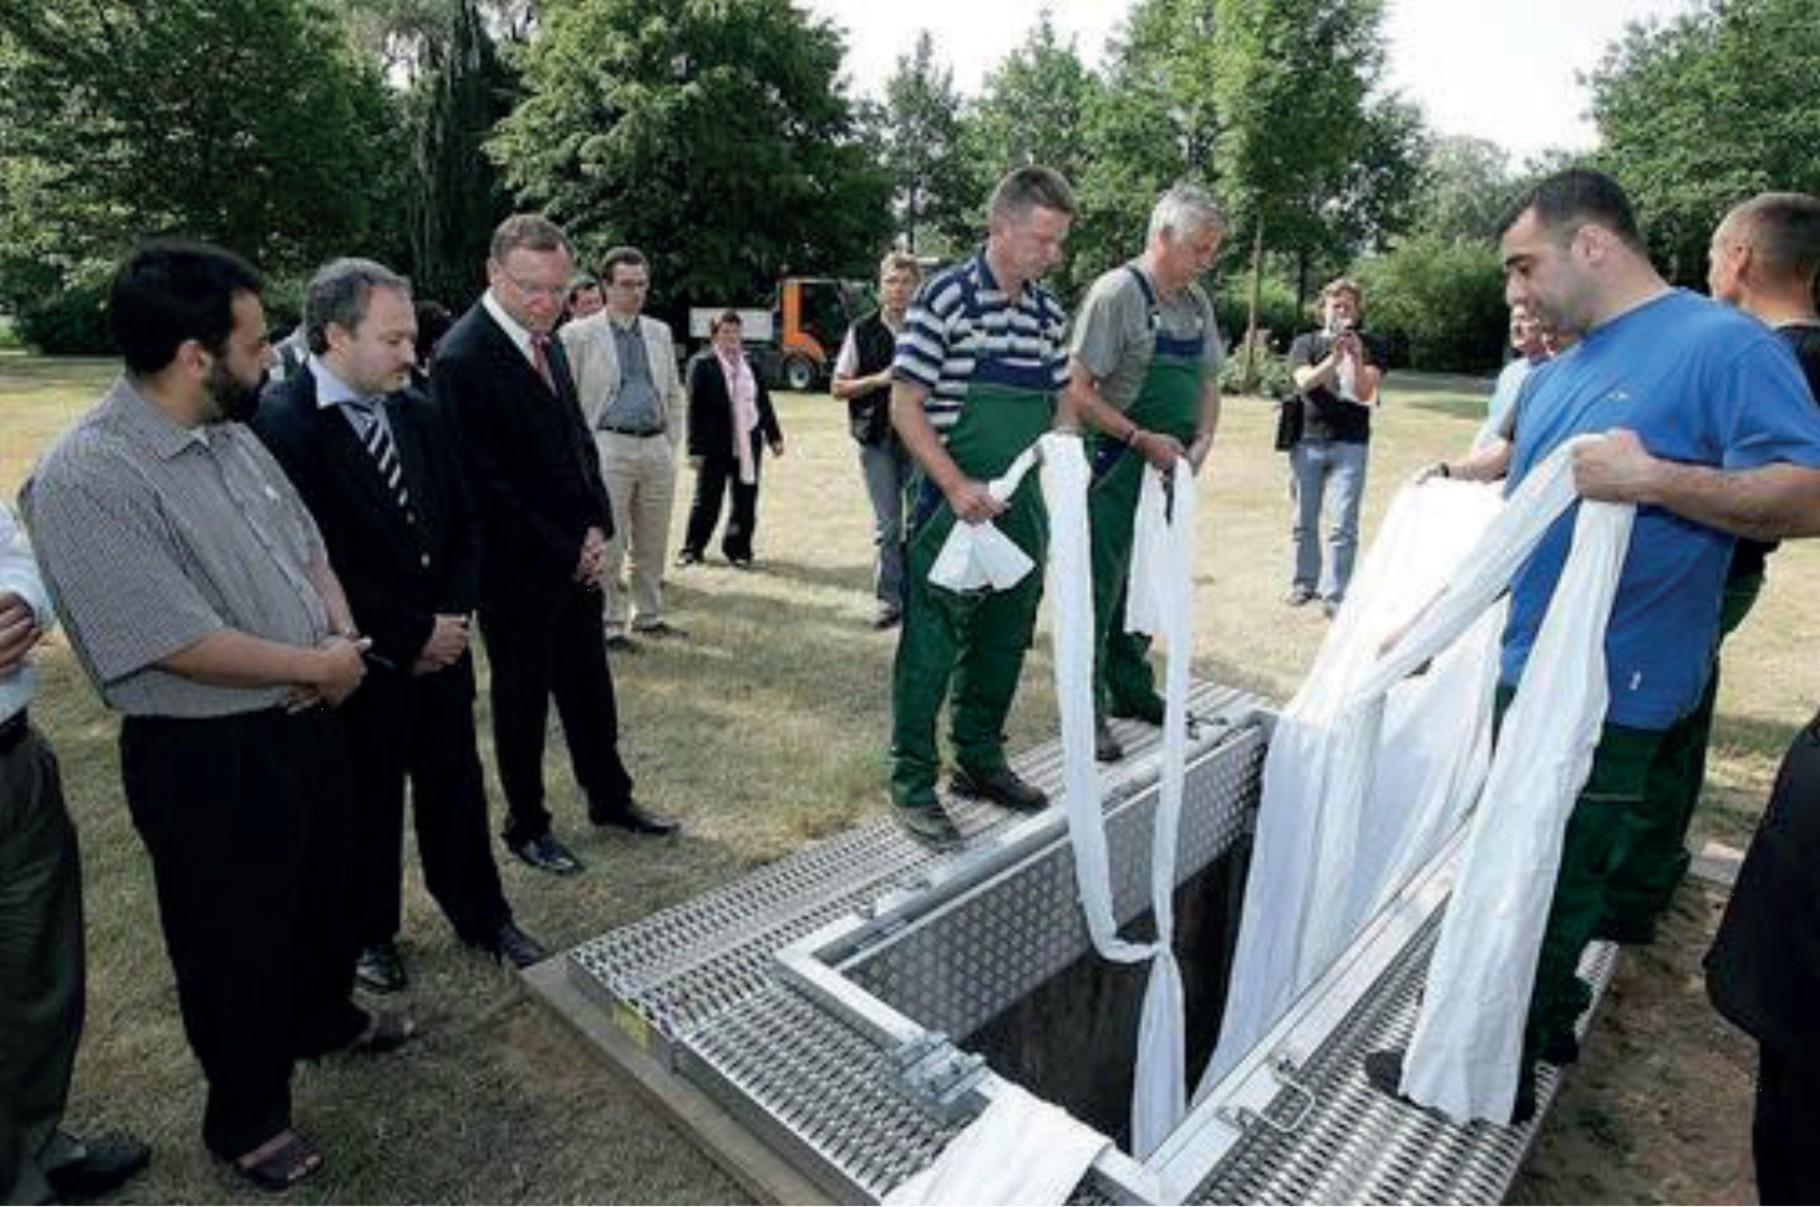 Dem Oberbürgermeister Weil wird eine muslimsiche Bestattung erläutert